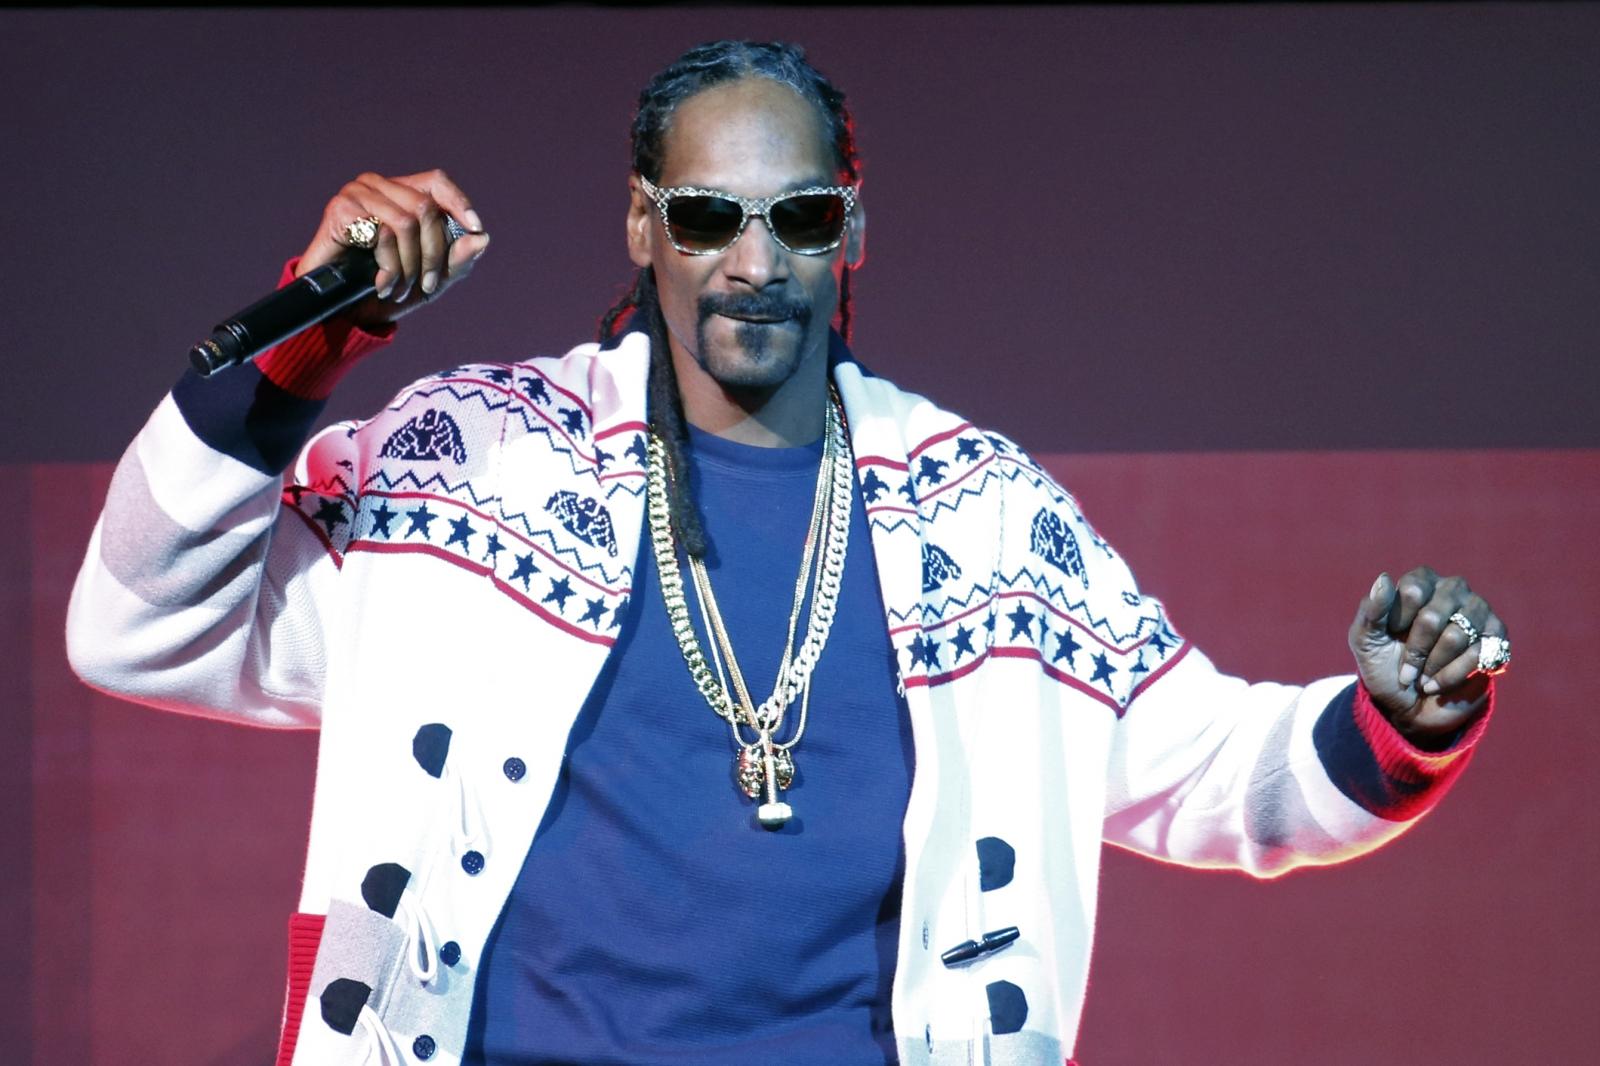 Snoop Dogg on Jeremy Clarkson's side